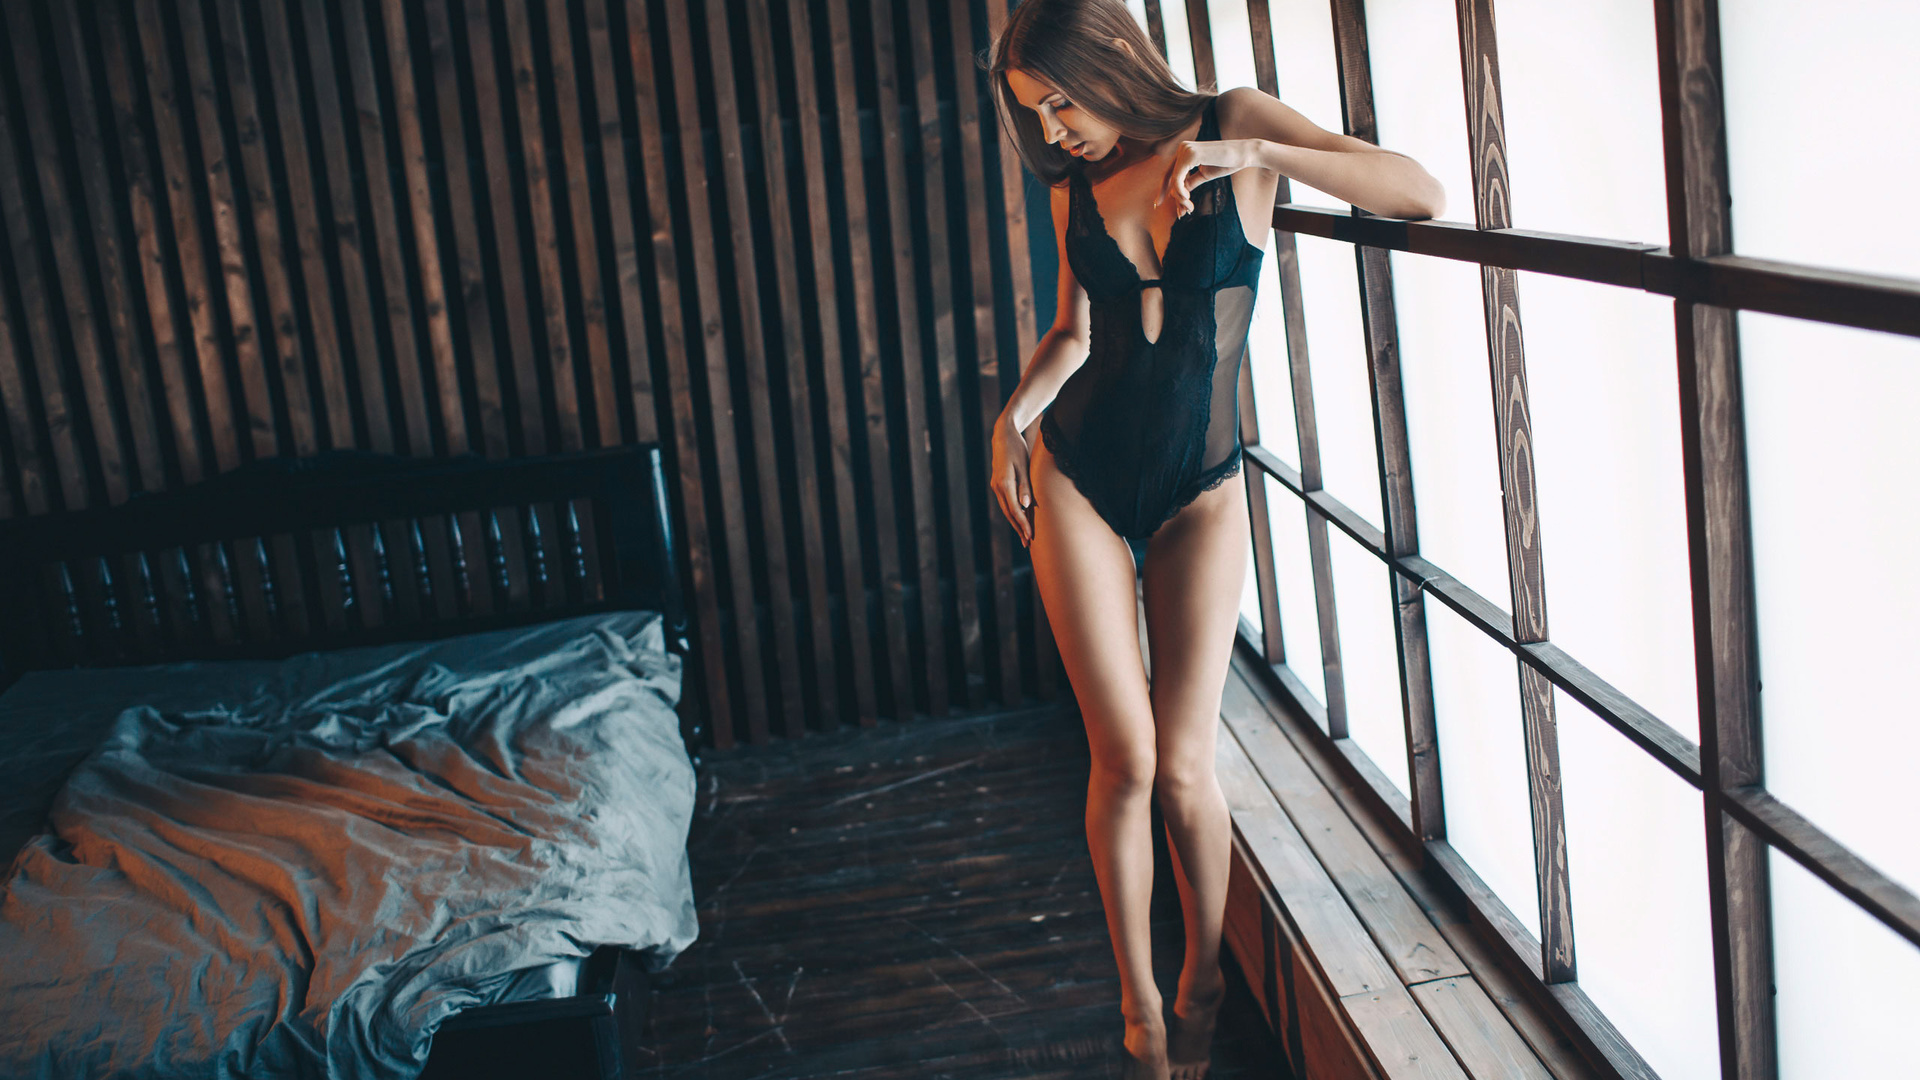 women, alexandr burdov, body lingerie, bed, wooden floor, window, brunette, black lingerie, the gap, straight hair, women indoors